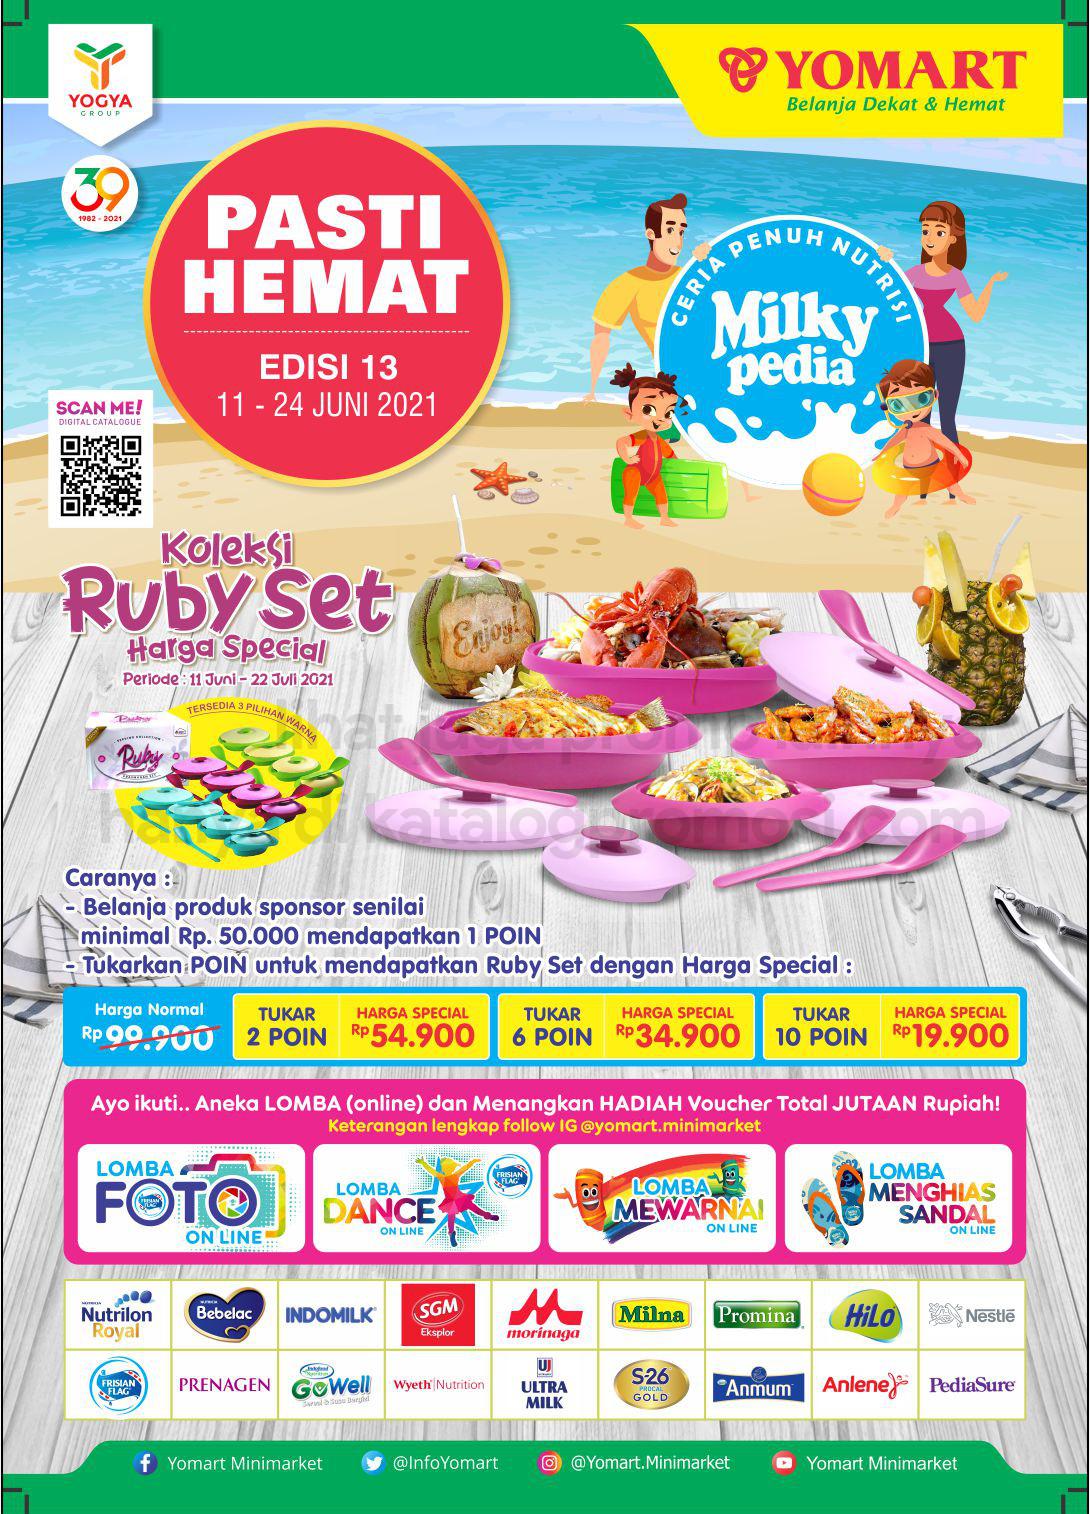 Katalog Yomart Minimarket Promo Mingguan periode 11-24 Juni 2021